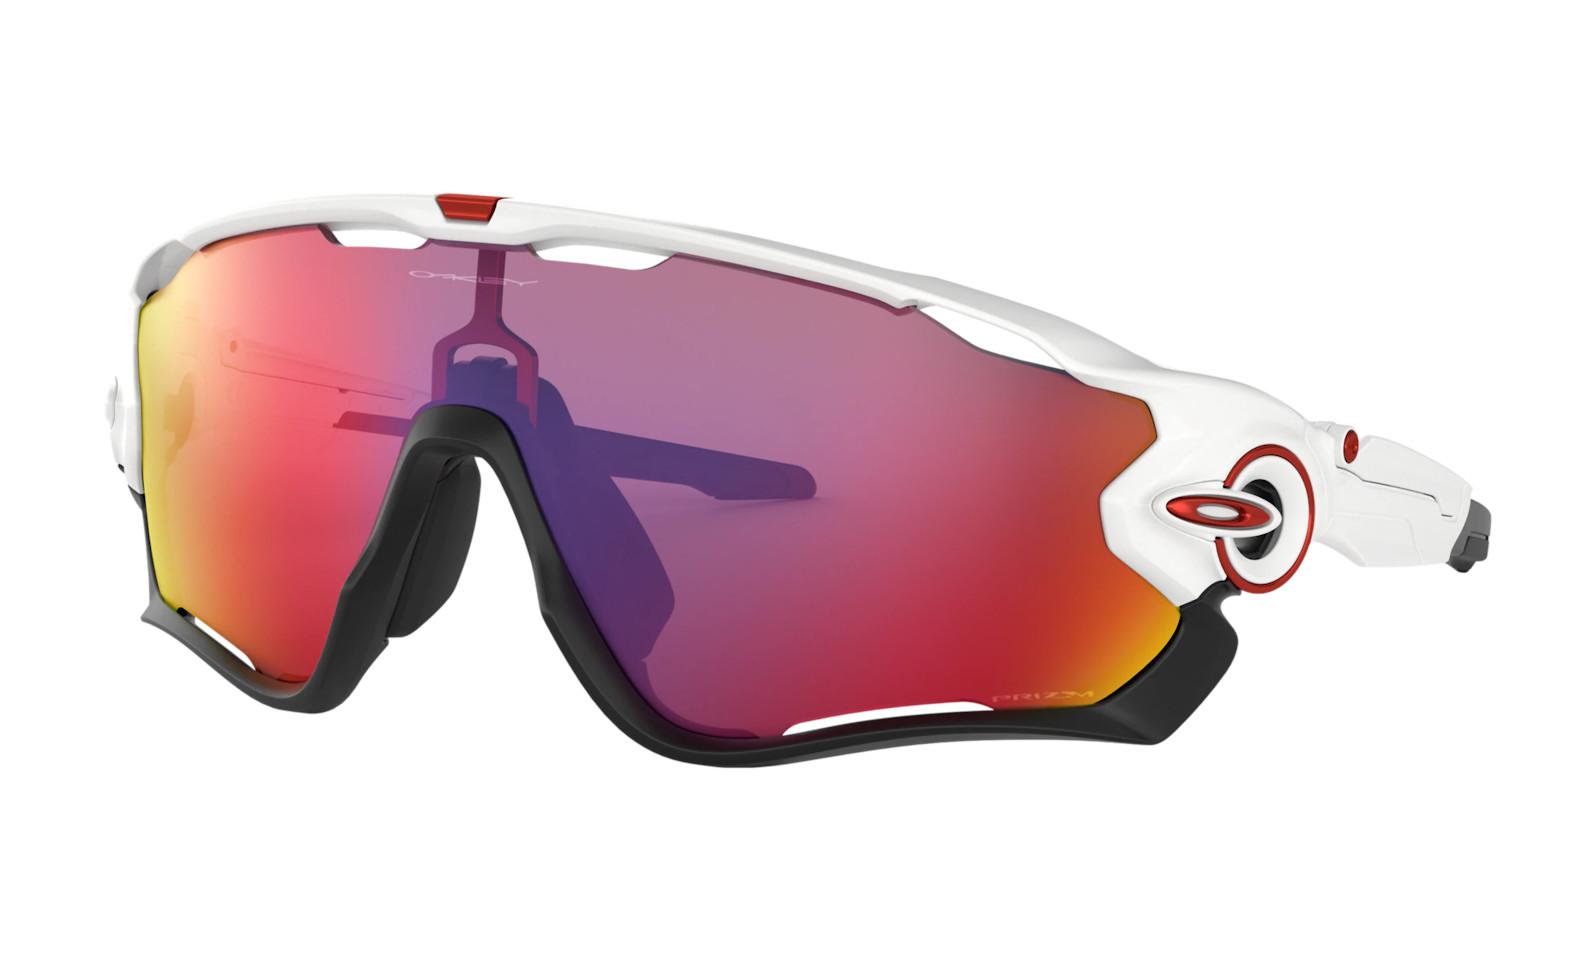 Oakley Jawbreaker - Polished White frames with Prizm Road lens